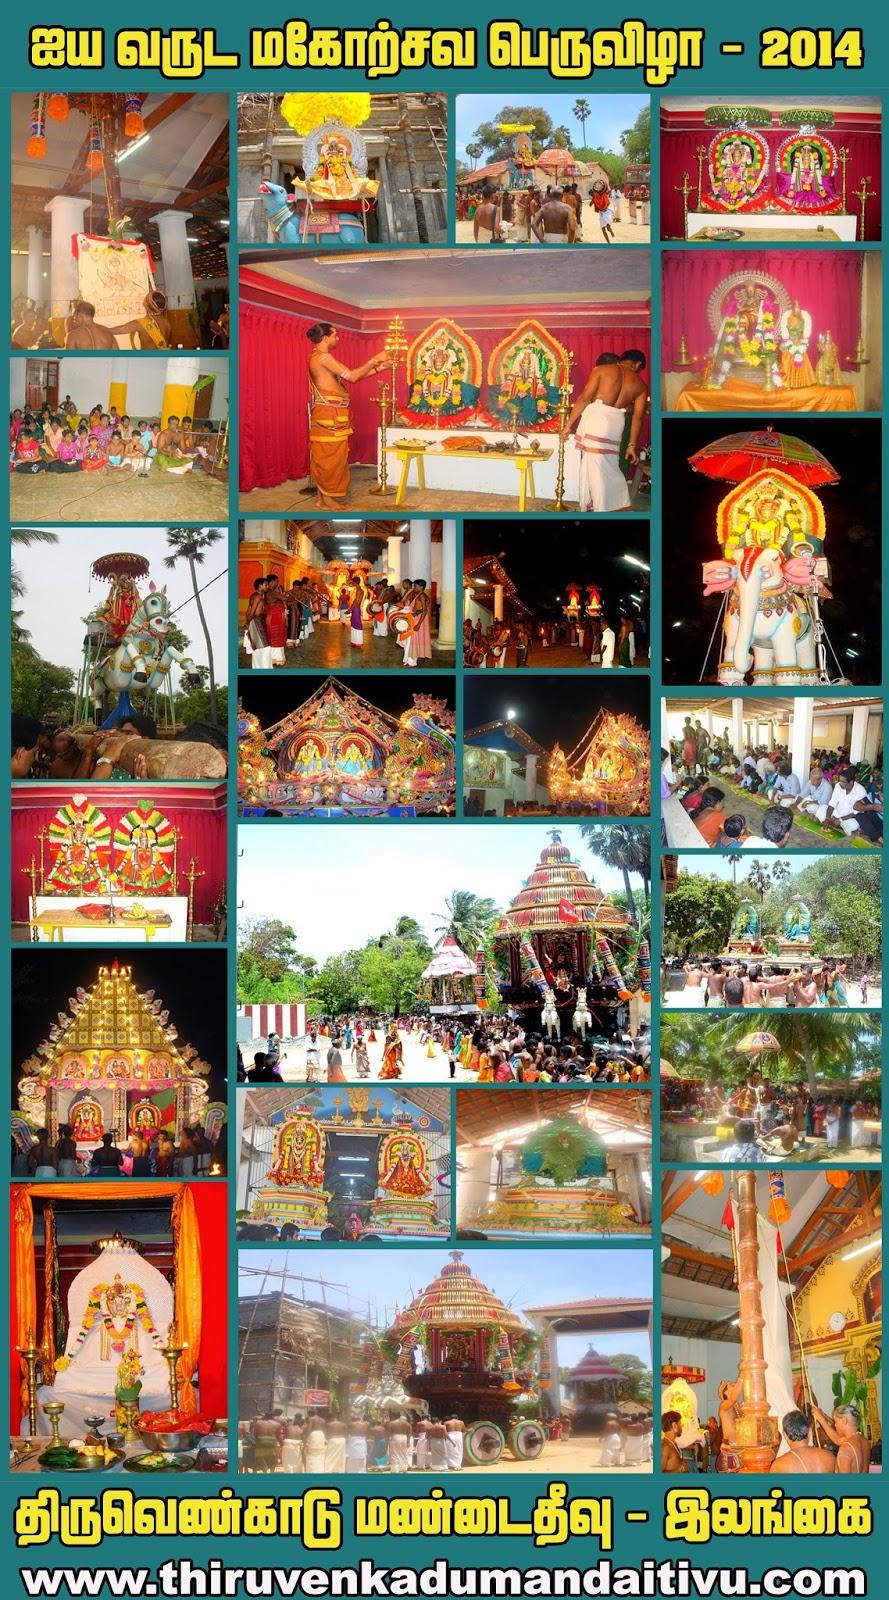 http://www.thiruvenkadumandaitivu.com/2014/11/2014.html